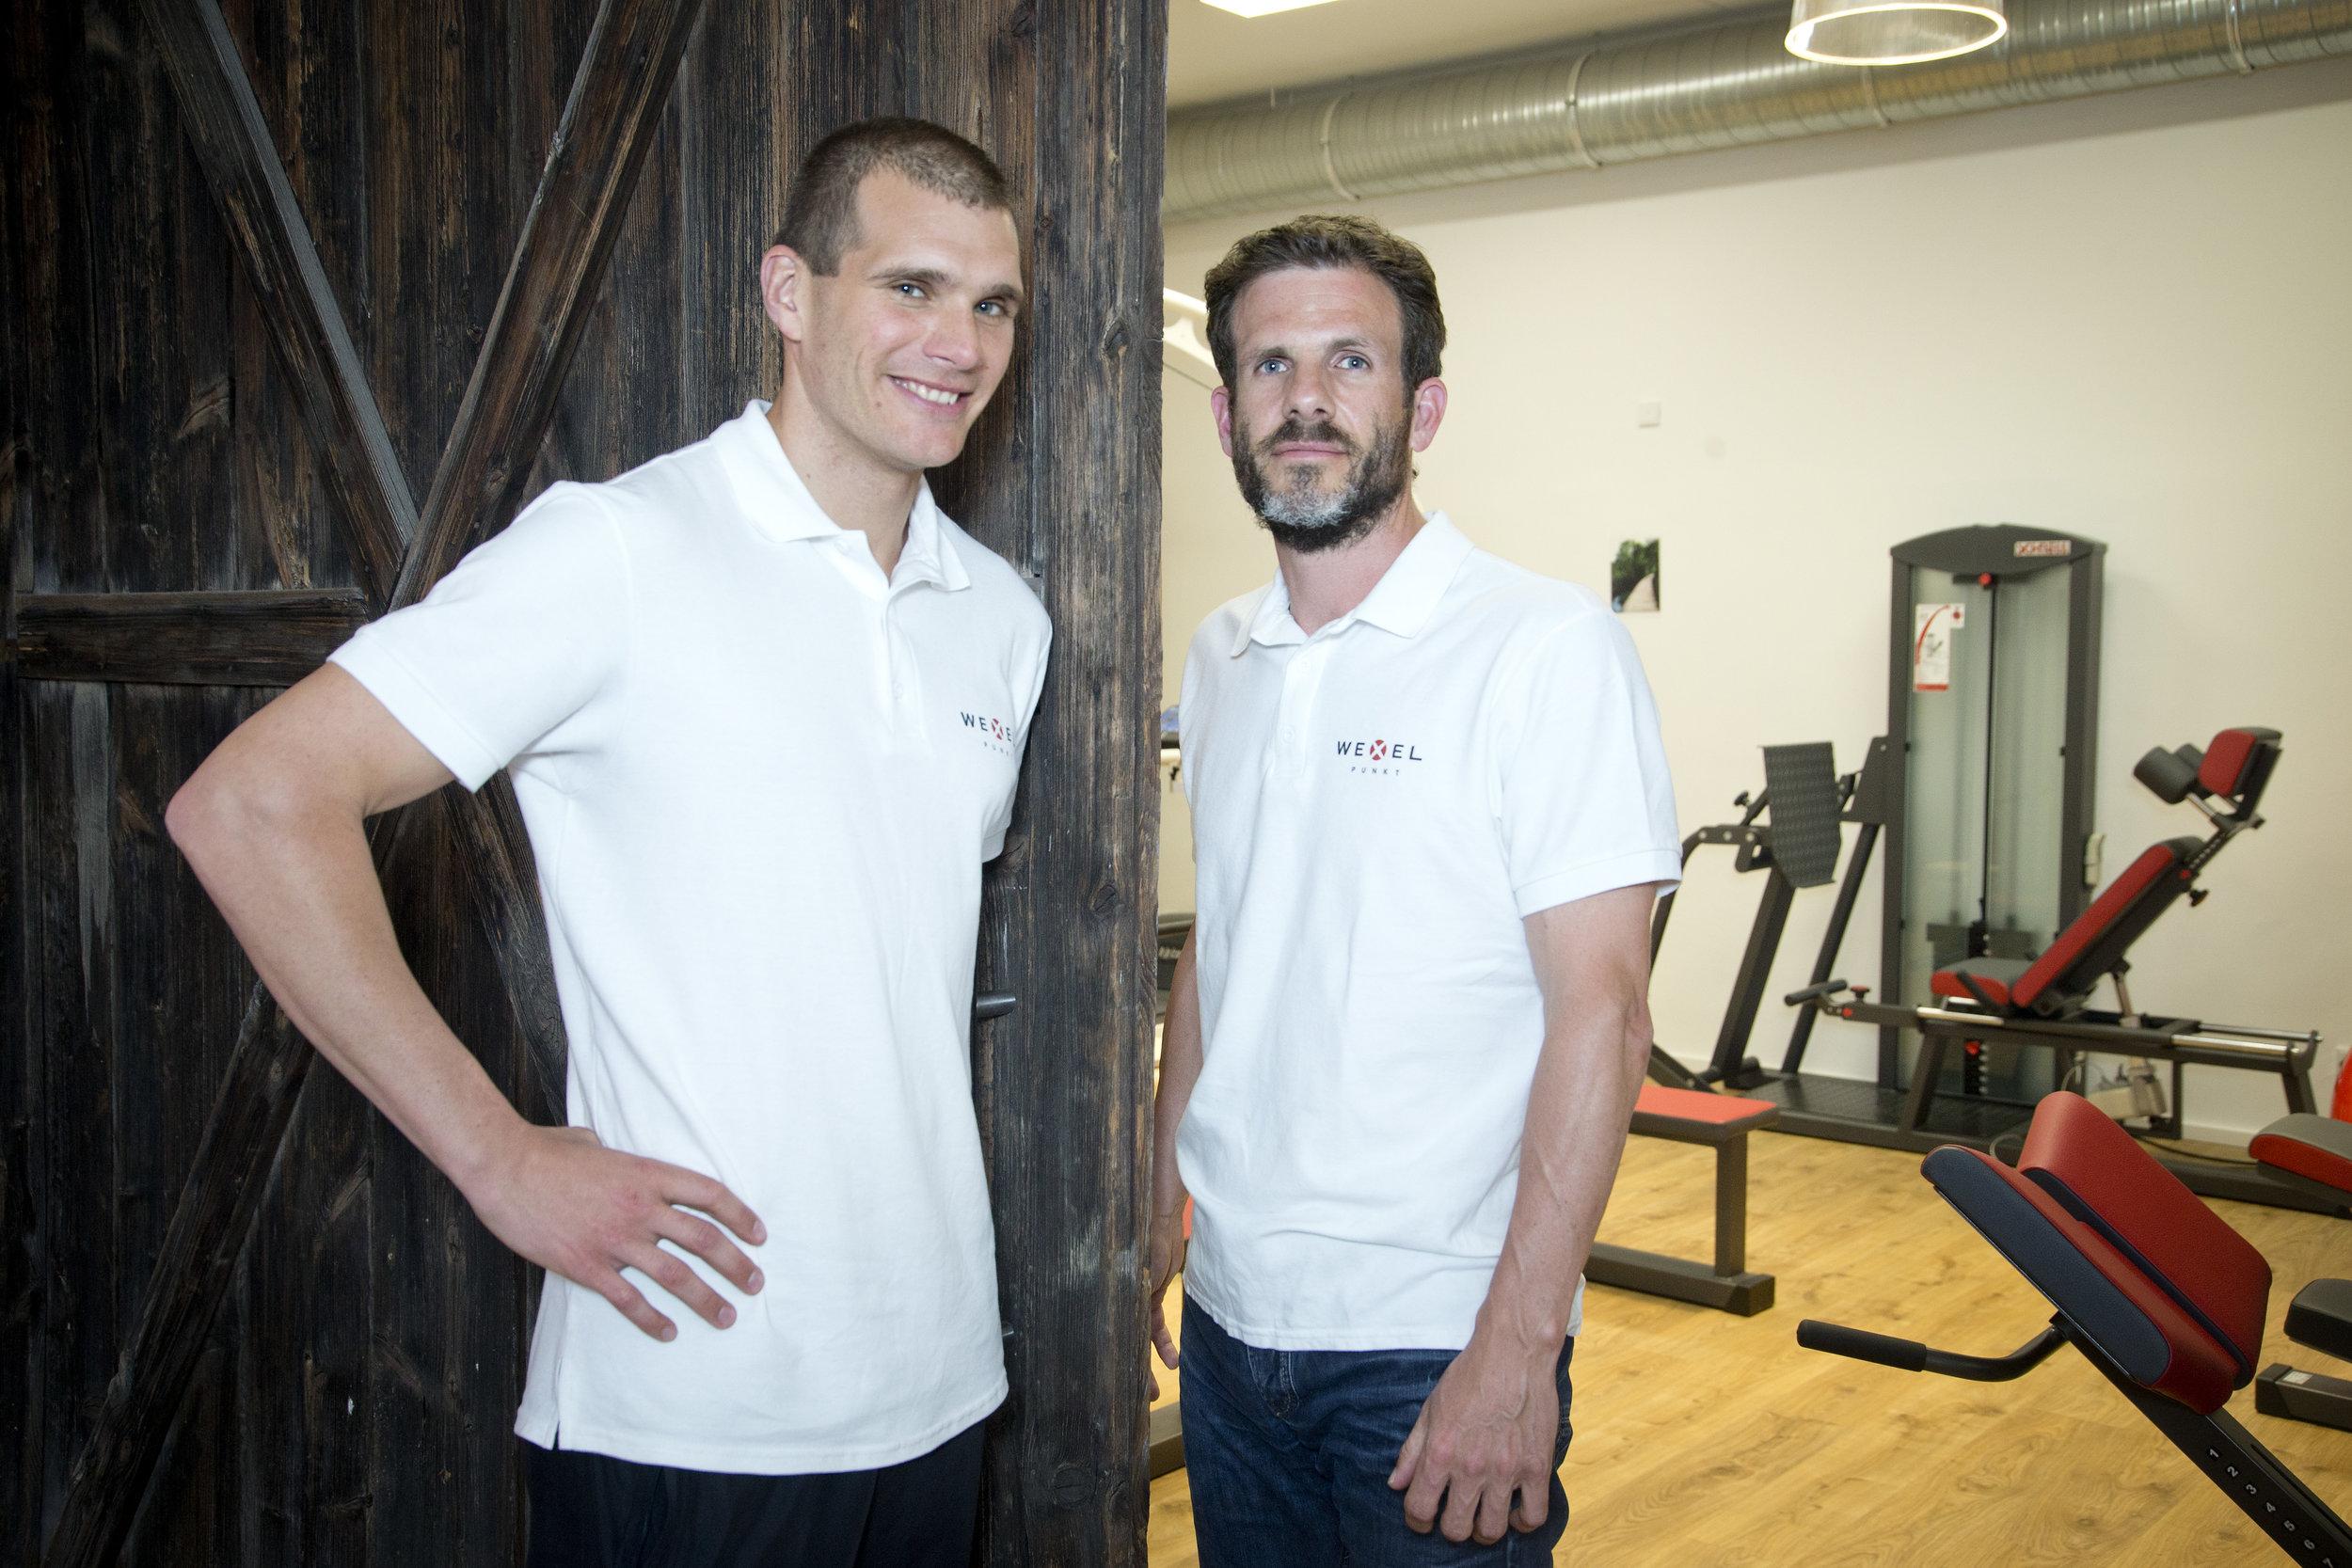 Therapeut Andreas Sextl und Geschäftspartner Patrick Meisterhaben aus einem Industriegebäude ein modernes und kompetentes Therapiezentrum gemacht. Eröffnung war am 1. Juni.